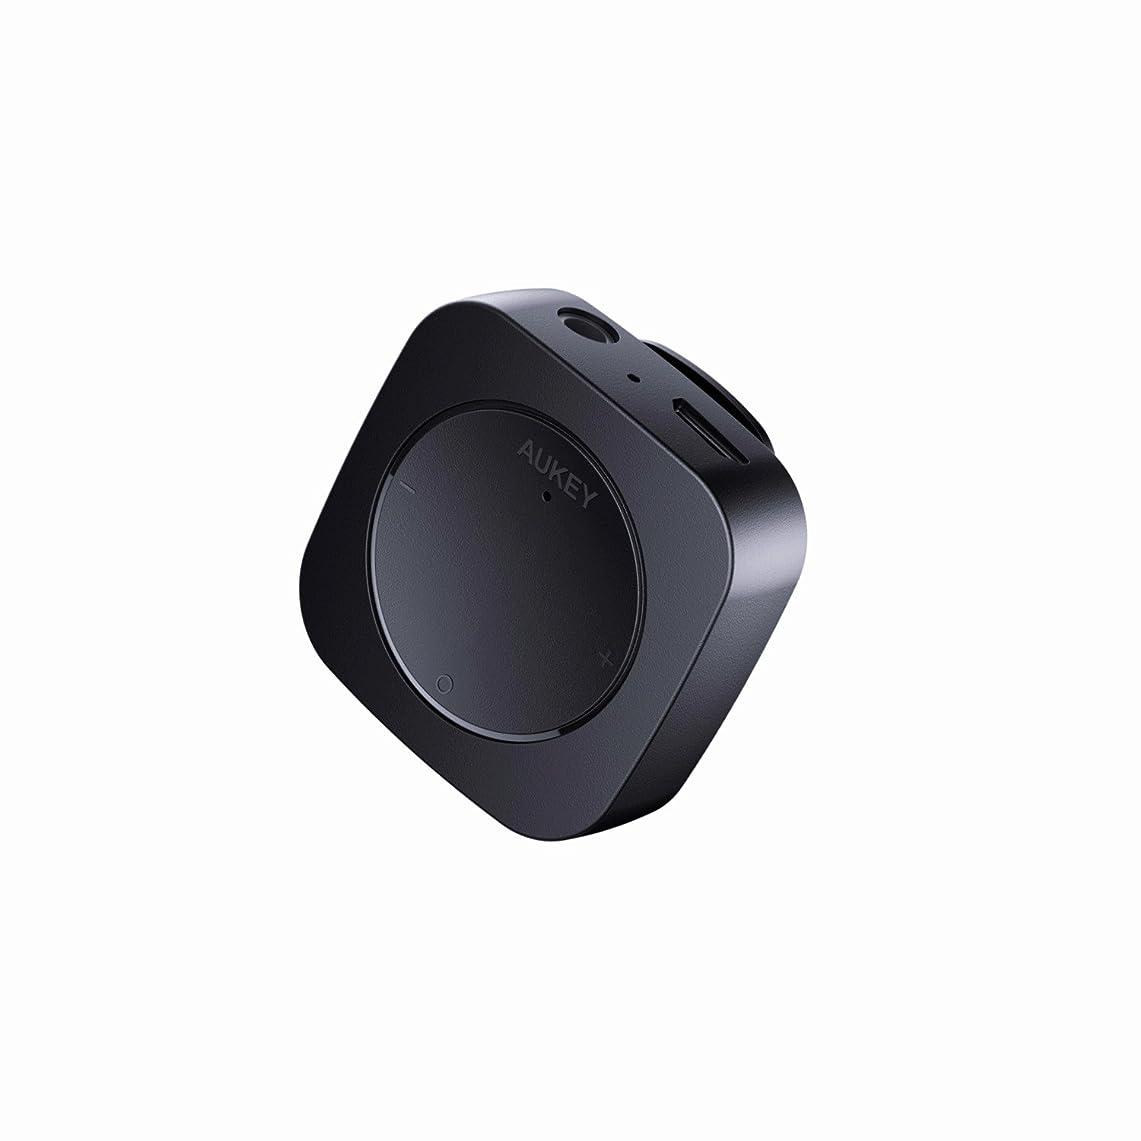 報奨金承認多様なAUKEY Bluetoothレシーバー ブルートゥースオーディオレシーバー 3.5mmミニプラグ接続 クリップ付き 2年間保証 ブラック BR-C13